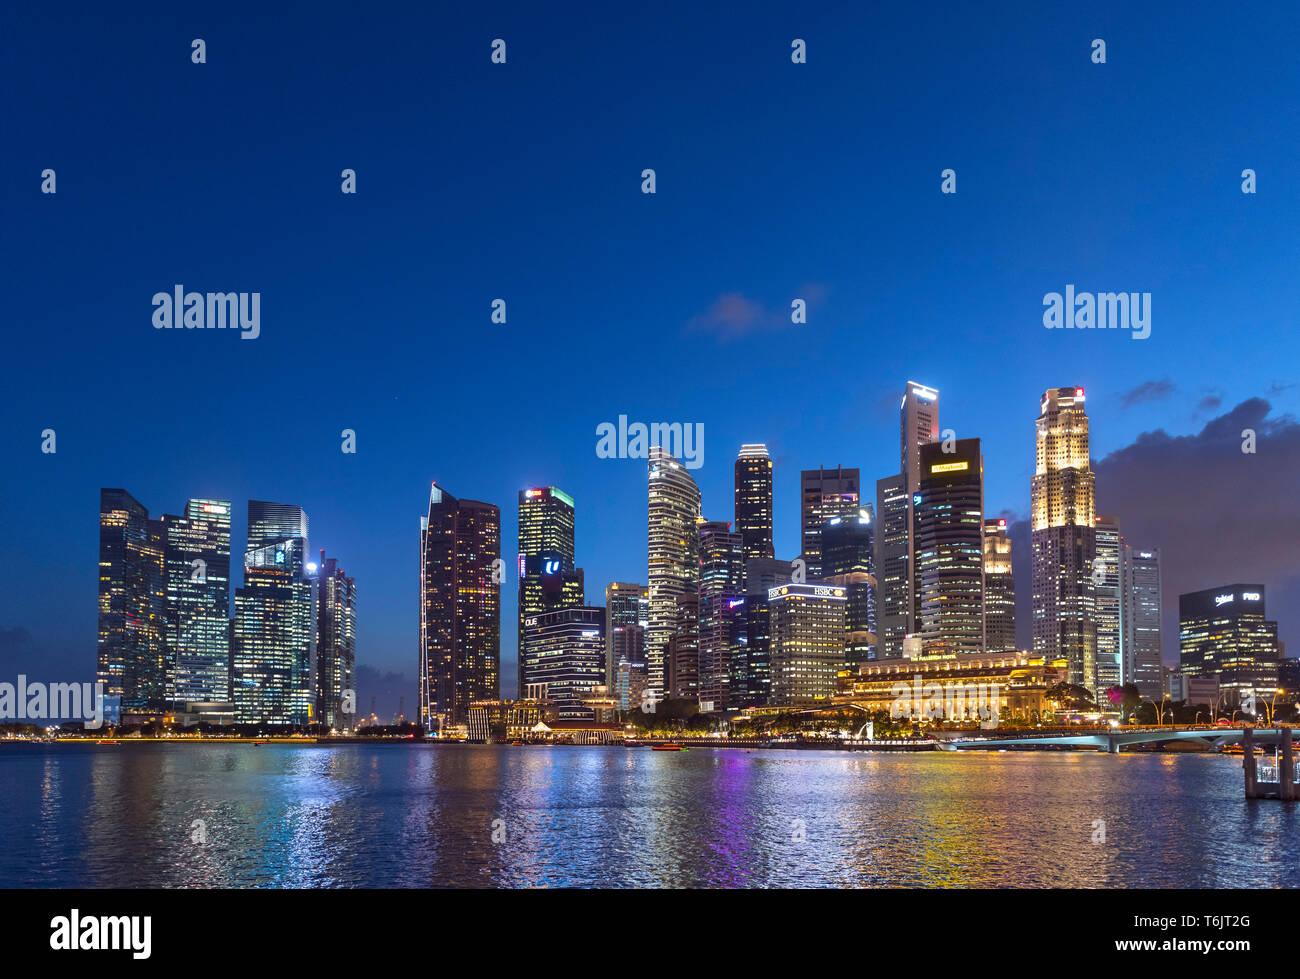 Il quartiere centrale degli affari (CBD) di notte da Marina Bay, Singapore Immagini Stock